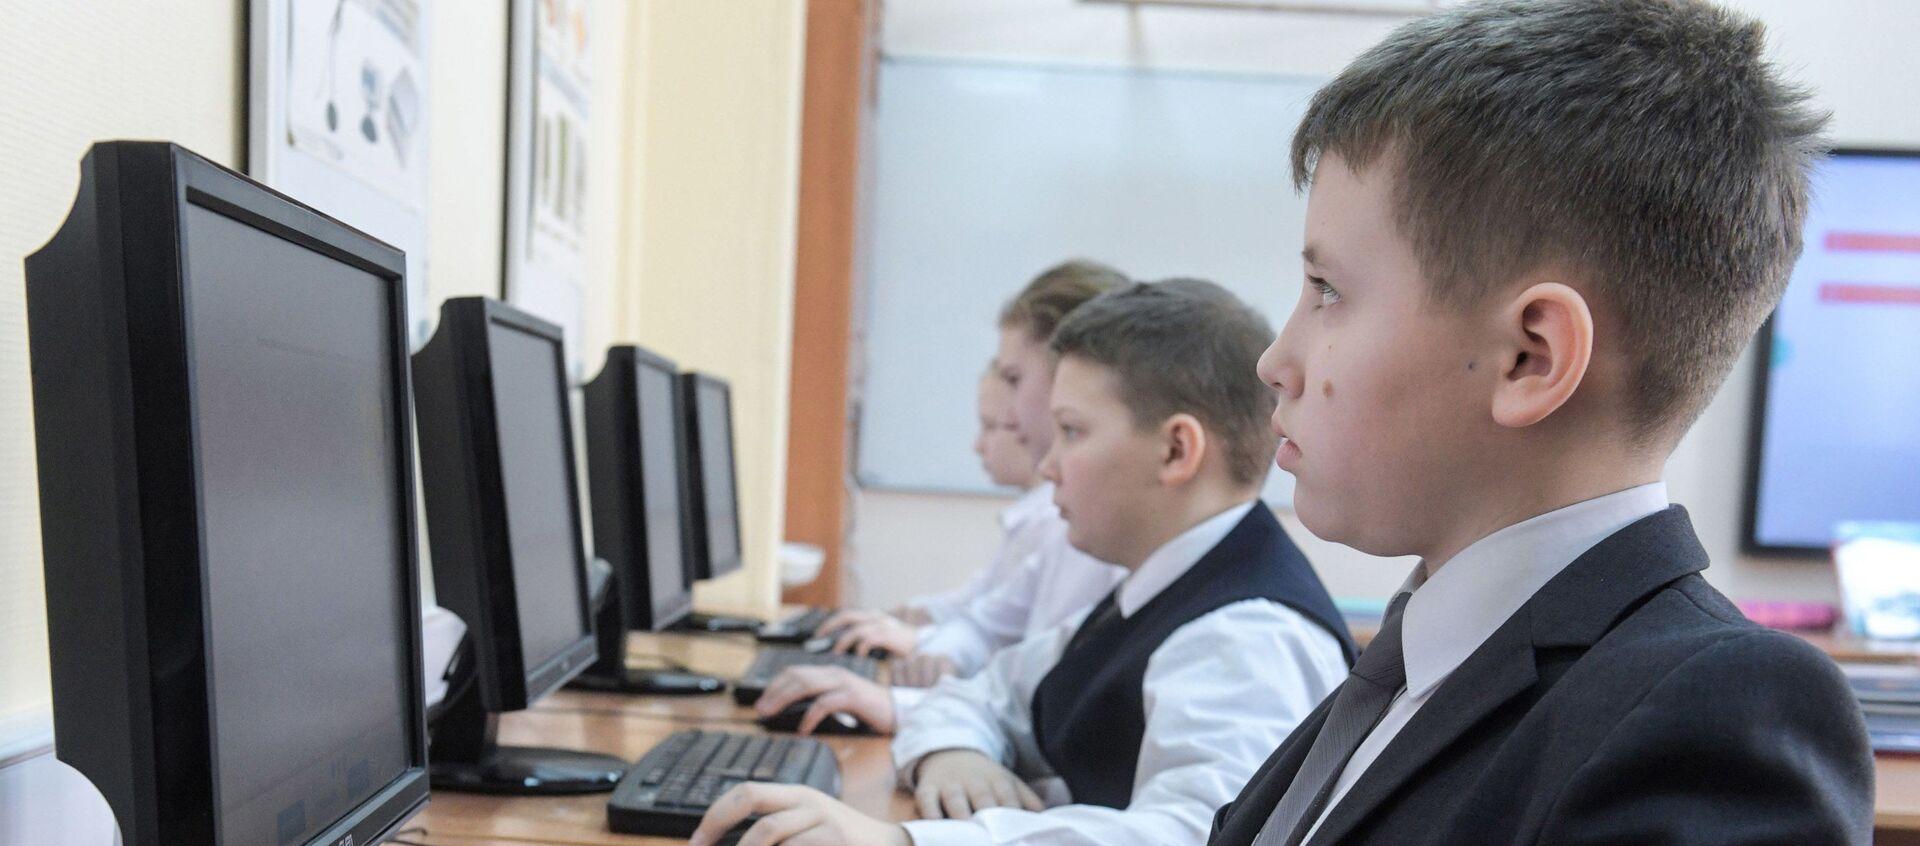 Ученики на уроке информатики - Sputnik Грузия, 1920, 12.01.2021